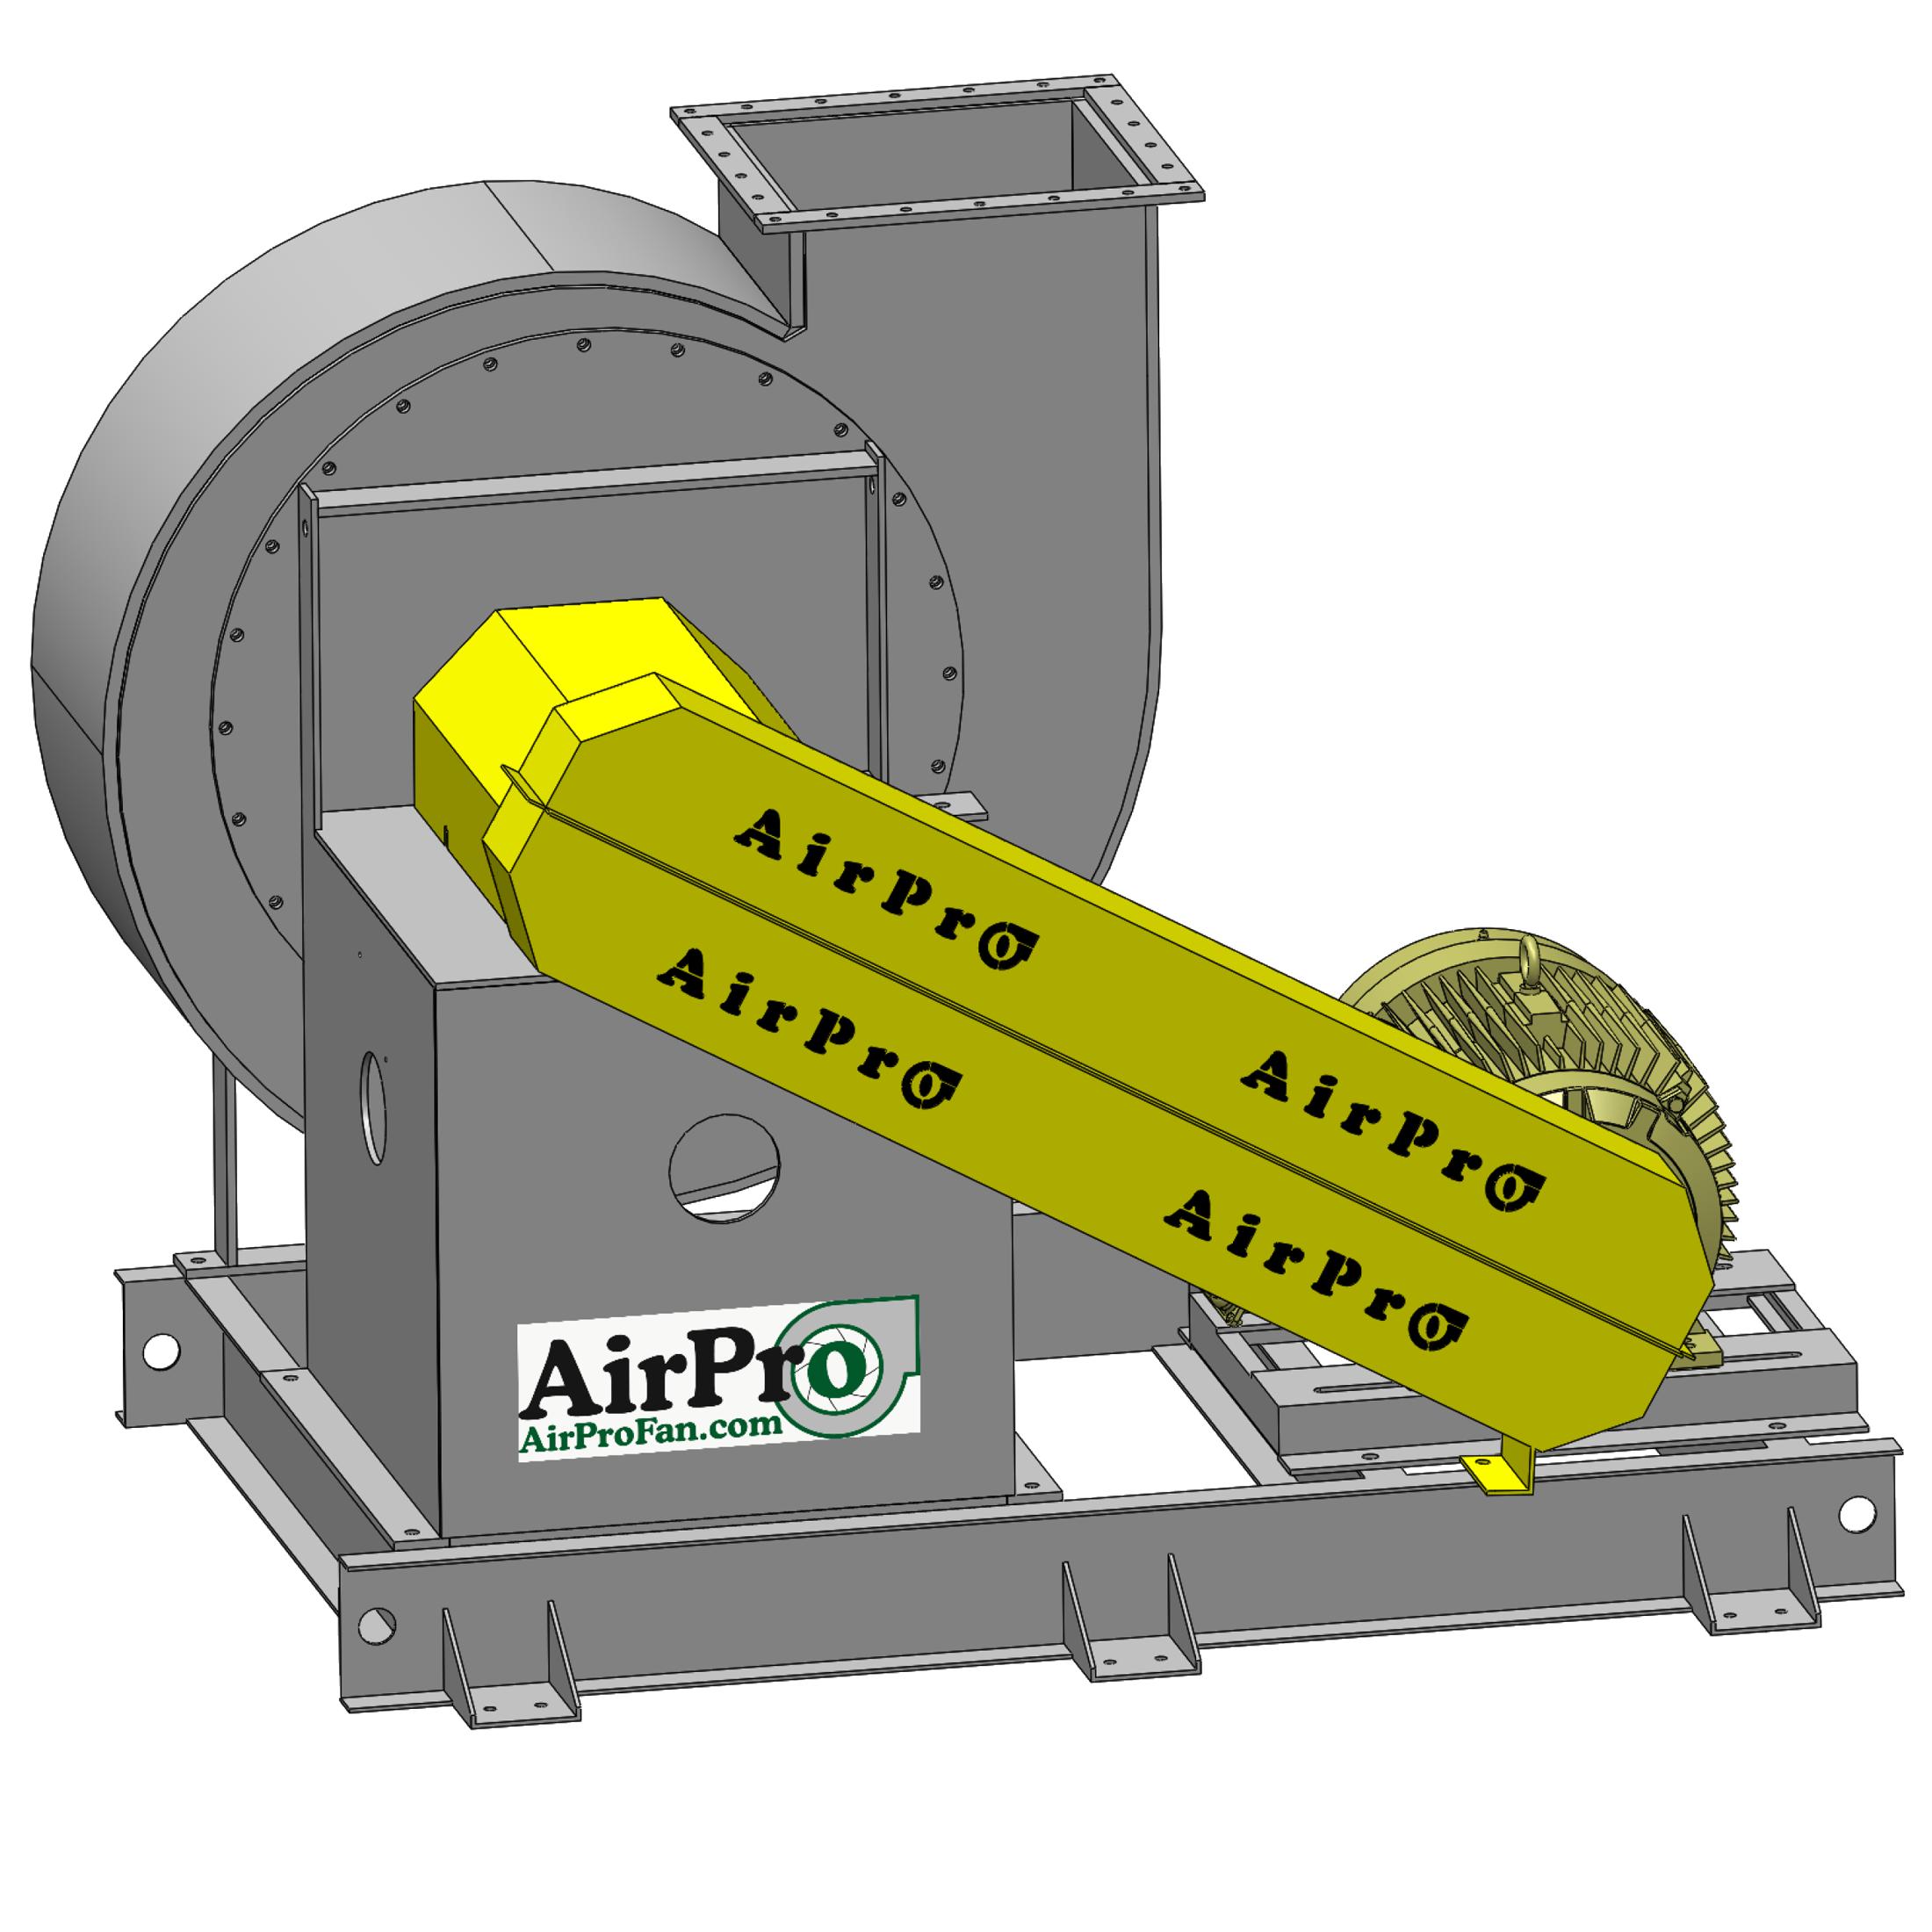 Industrial Exhaust Fan Radial Shrouded AirPro Fan & Blower #CACA00